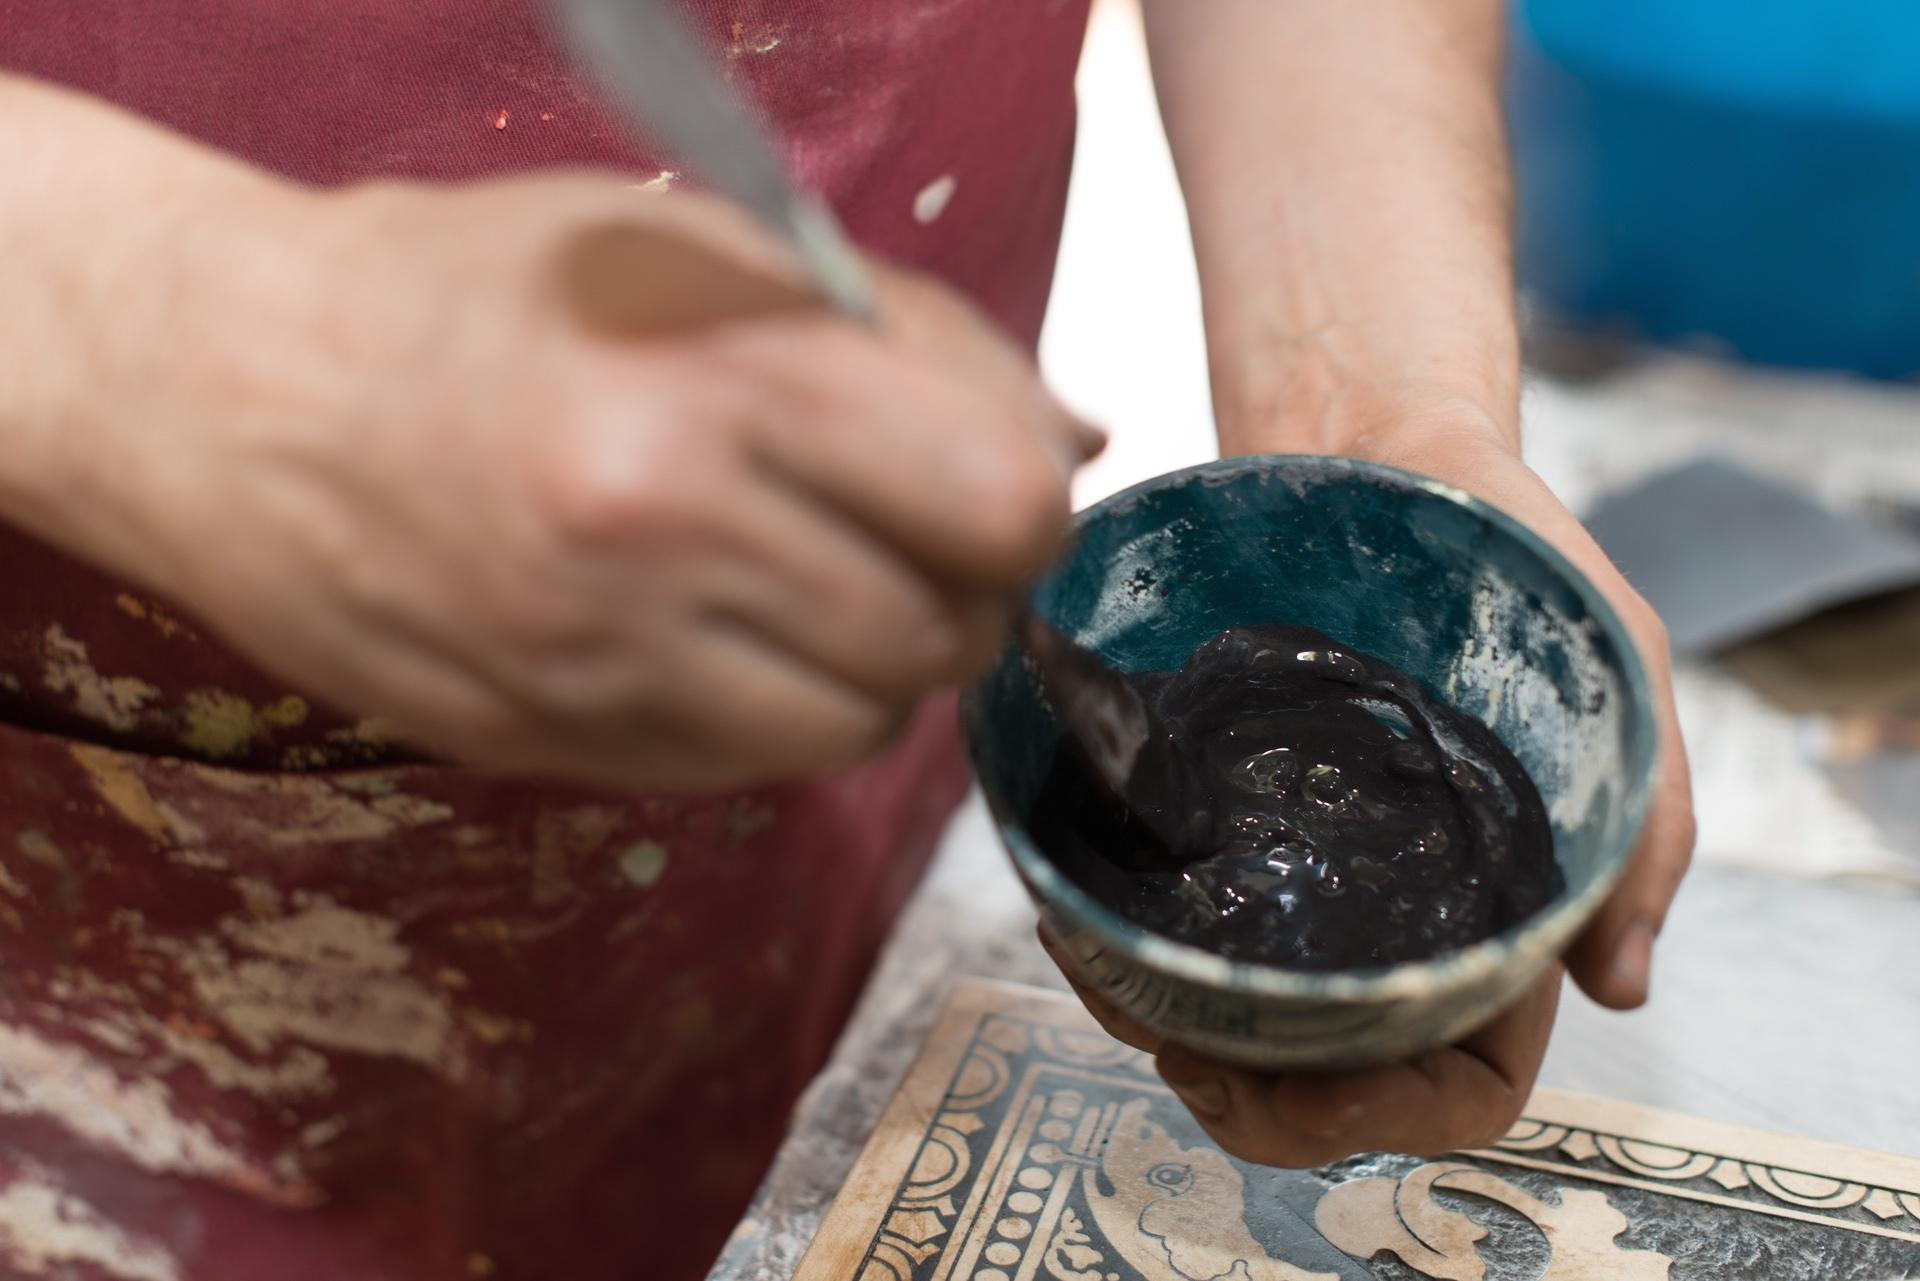 """Preparazione dell'impasto da posare sull'incisione """"progetto artigianto in toscana in collaborazione con thedarlroom firenze e artex"""""""